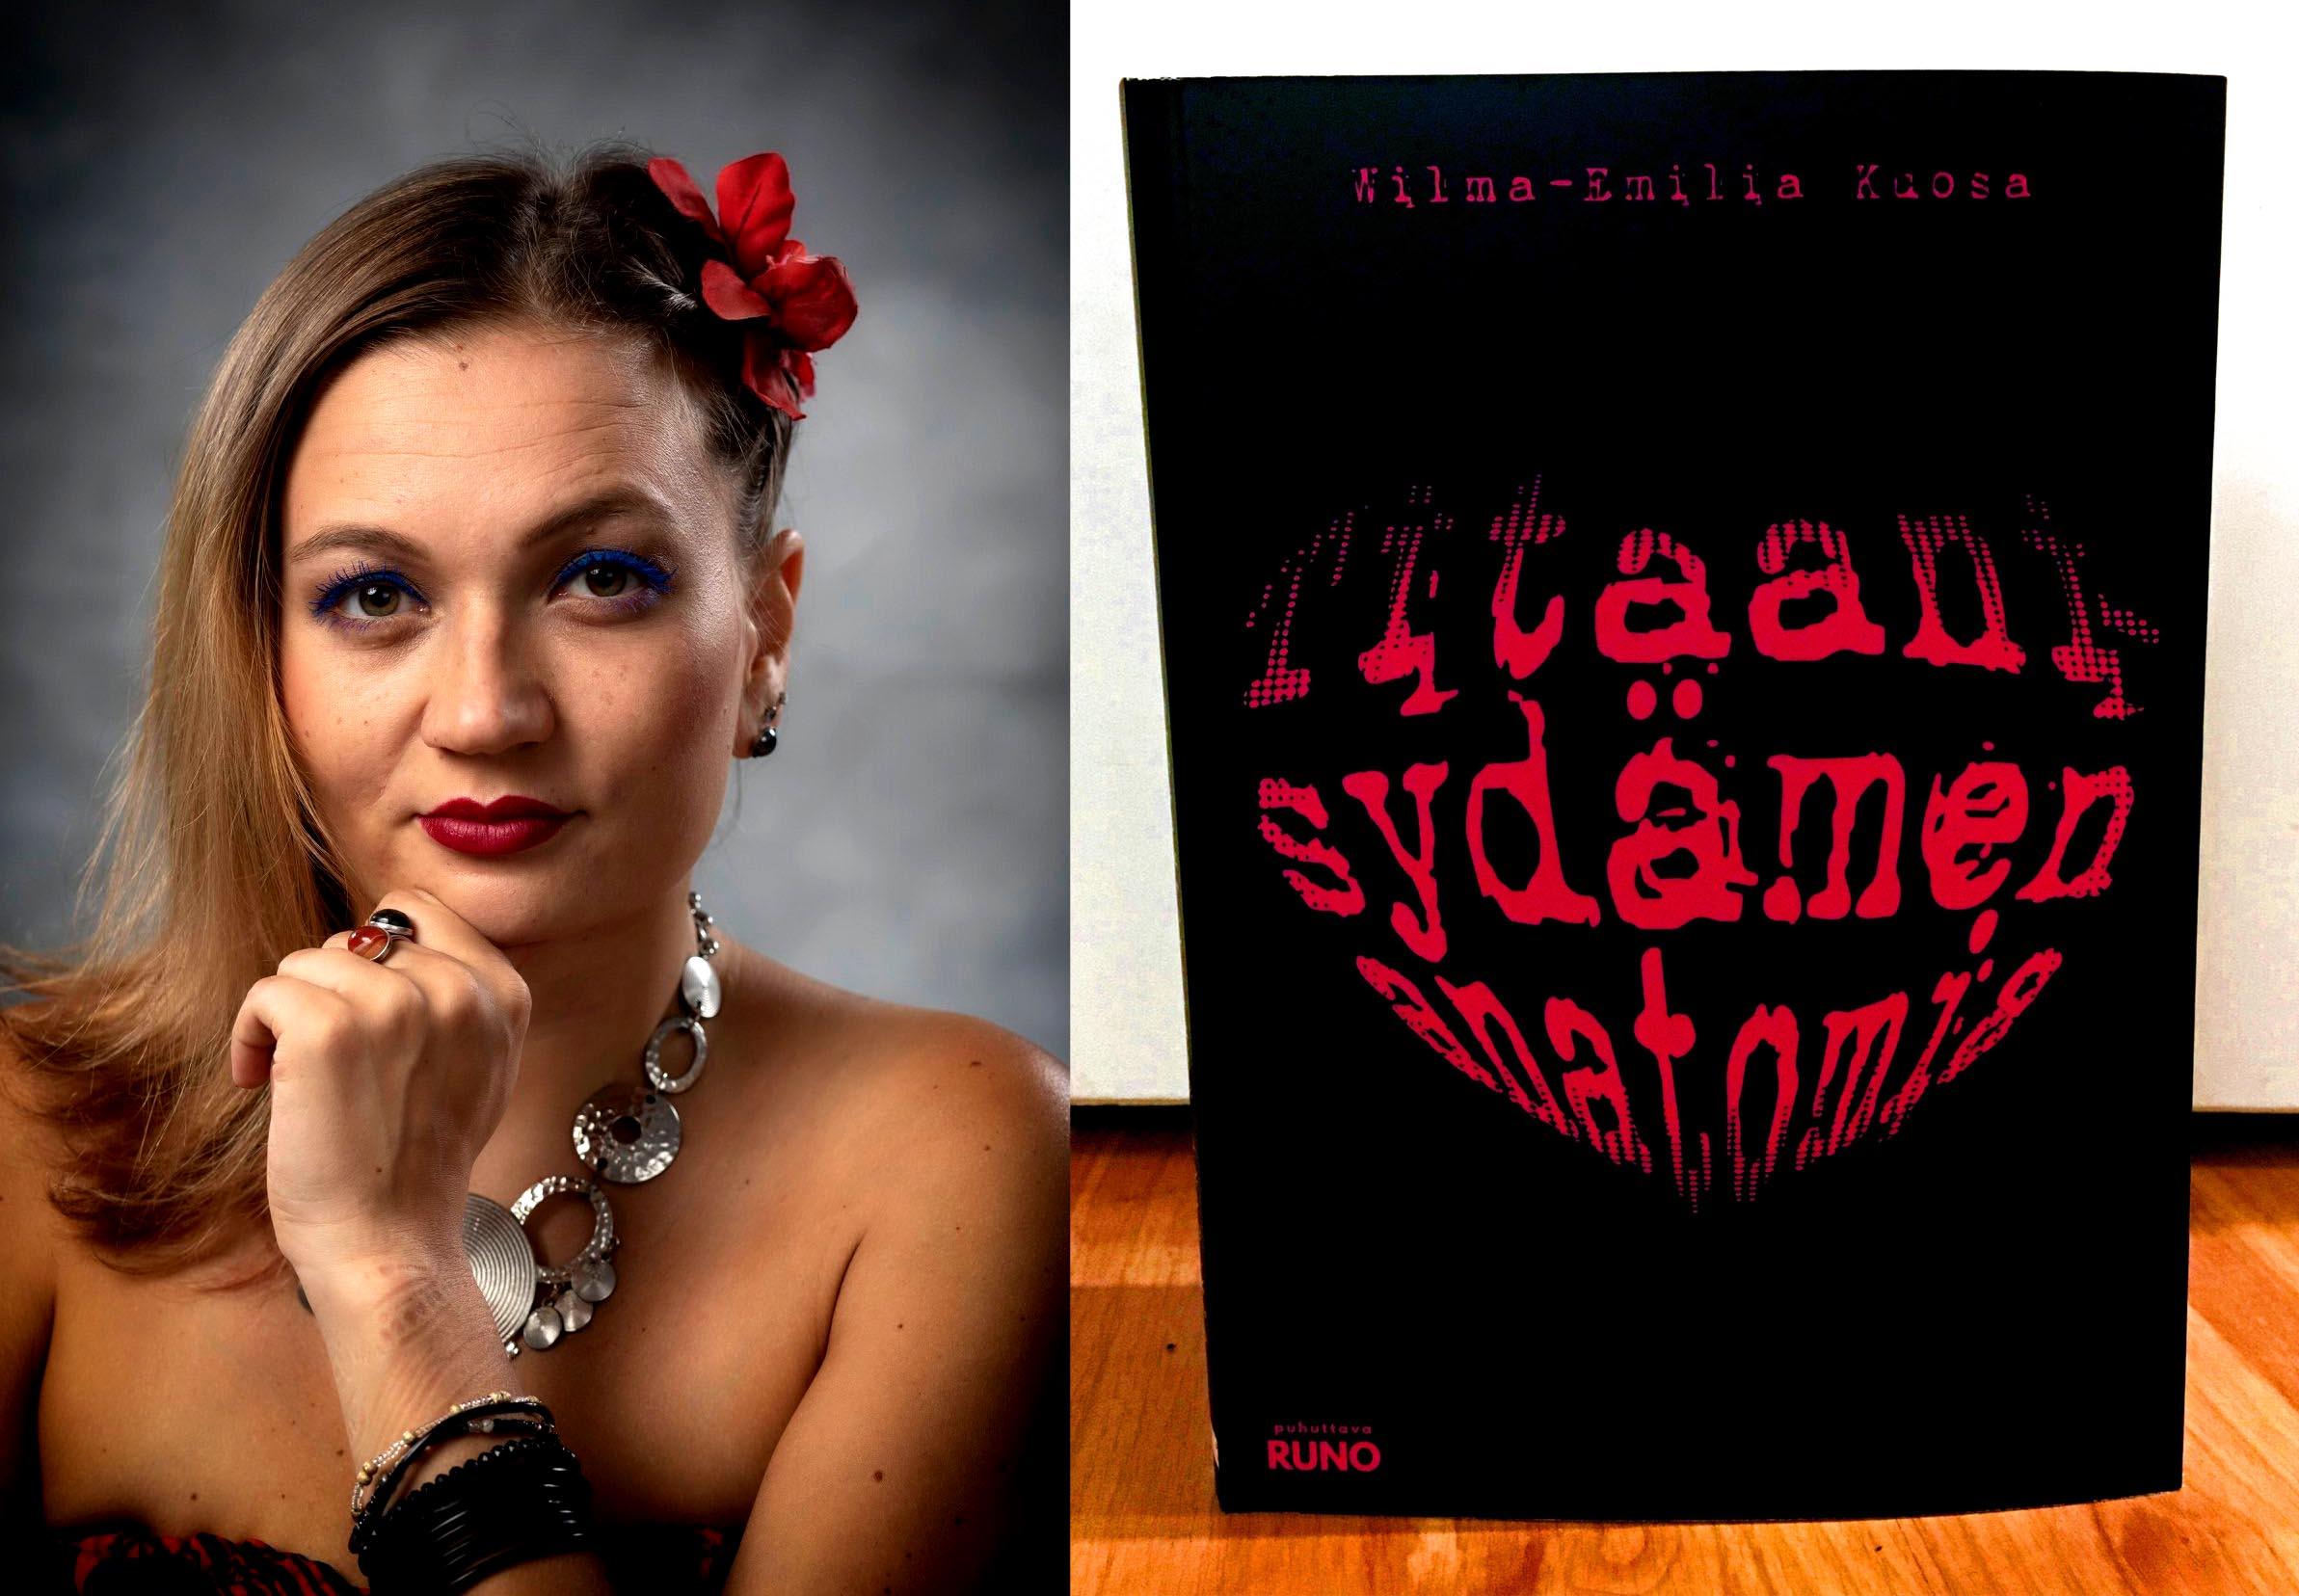 Wilma-Emilia Kuopsa